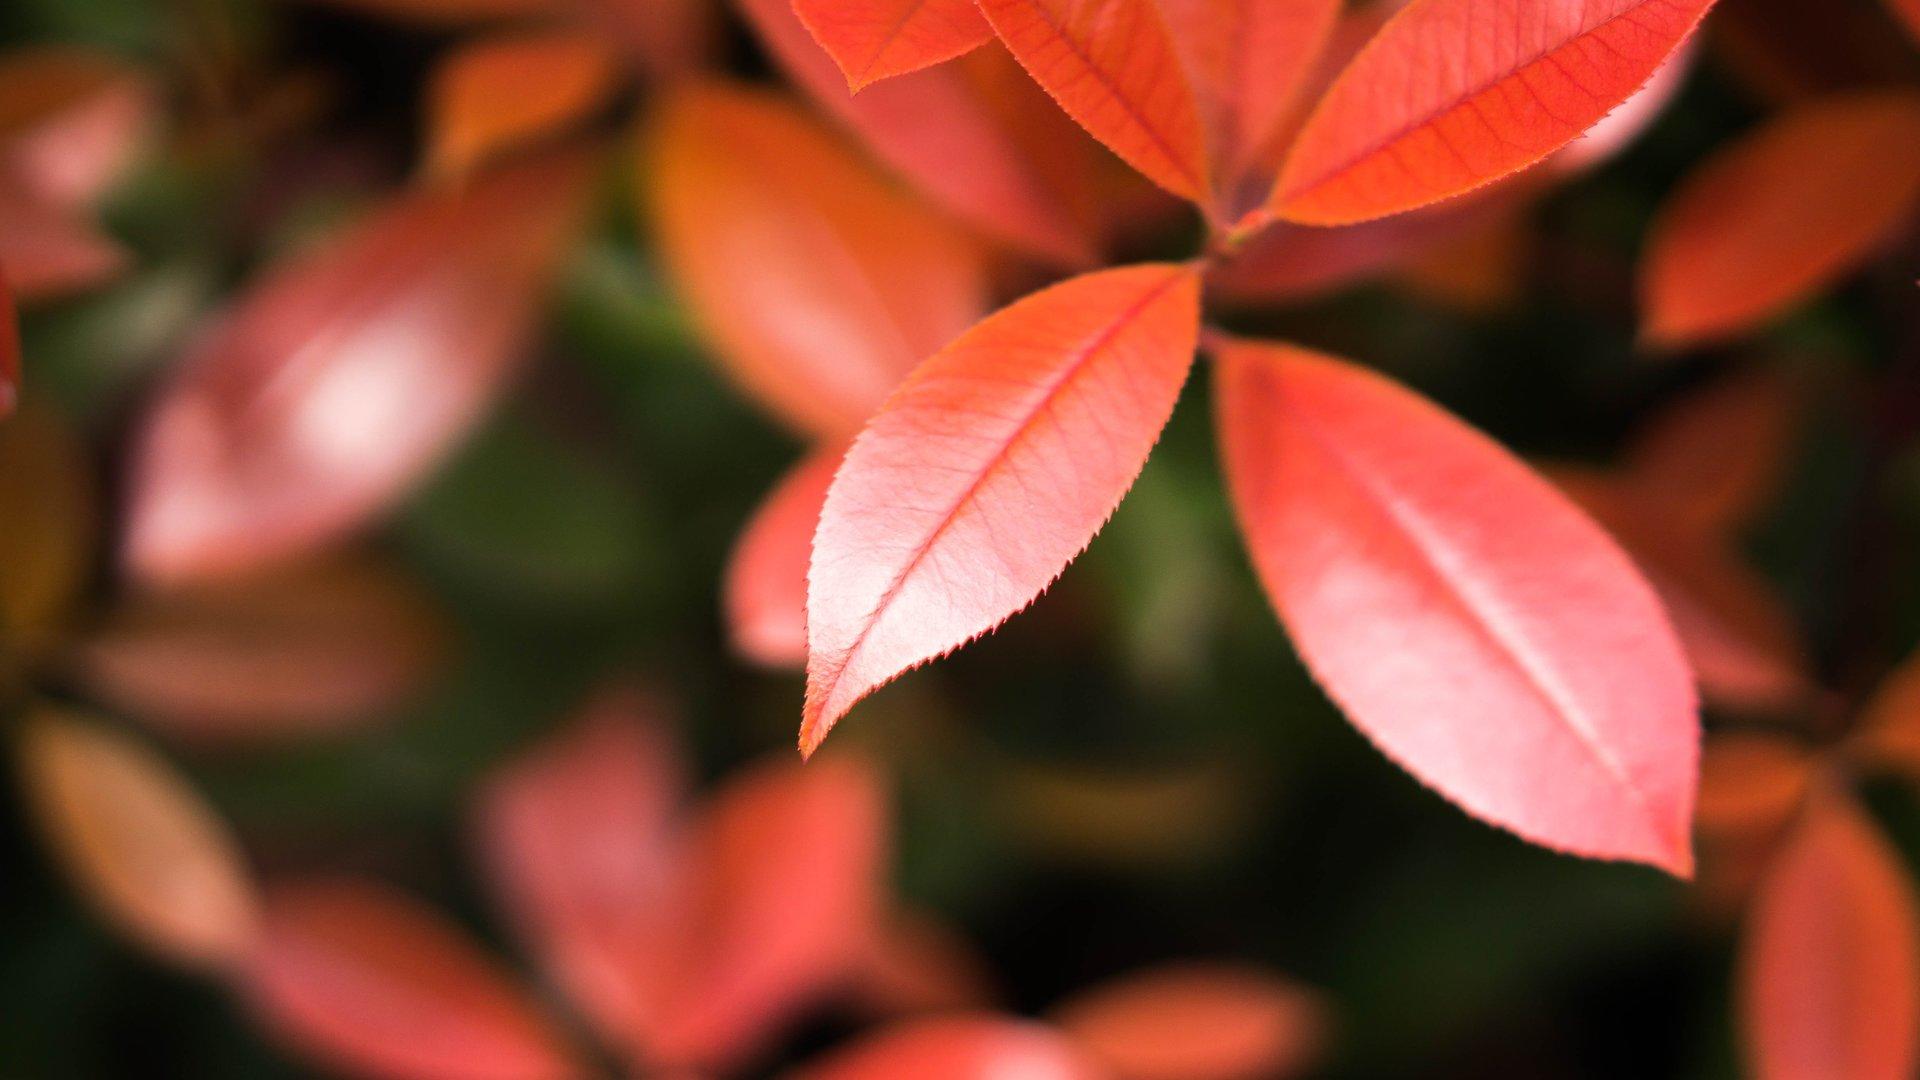 Hình nền cây lá đỏ đẹp